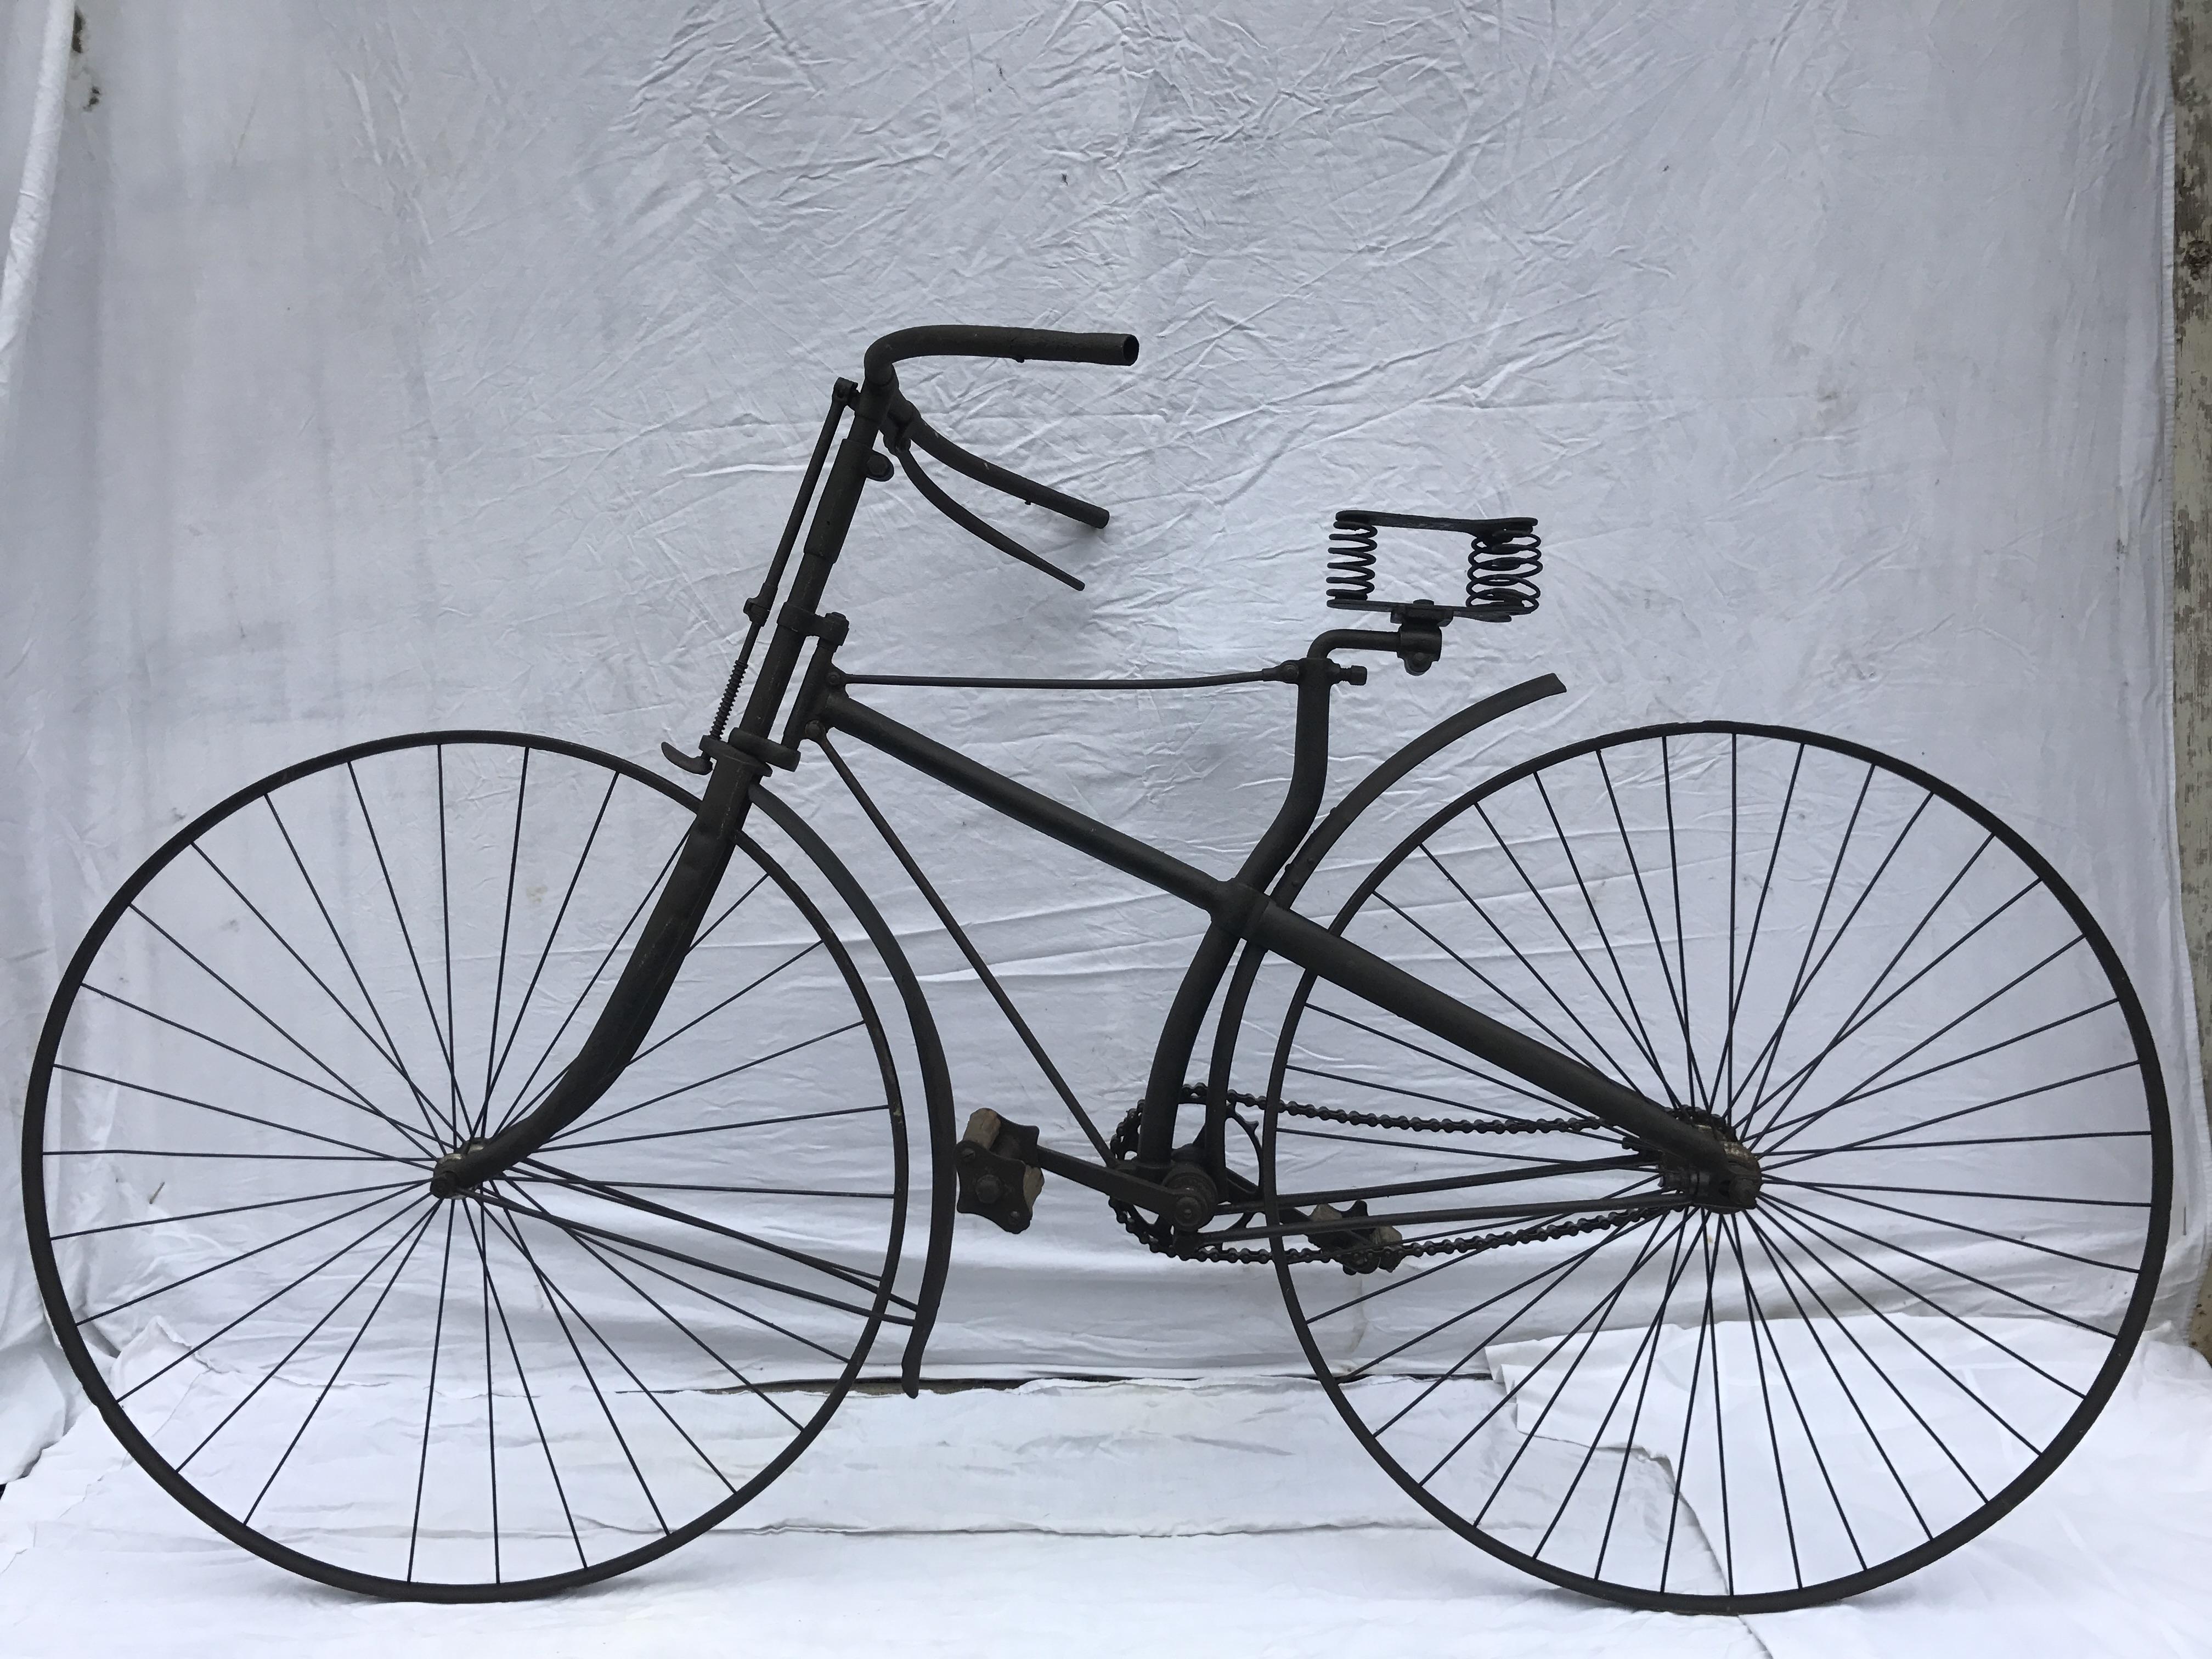 cadres de vélo datant rencontres rejoindre